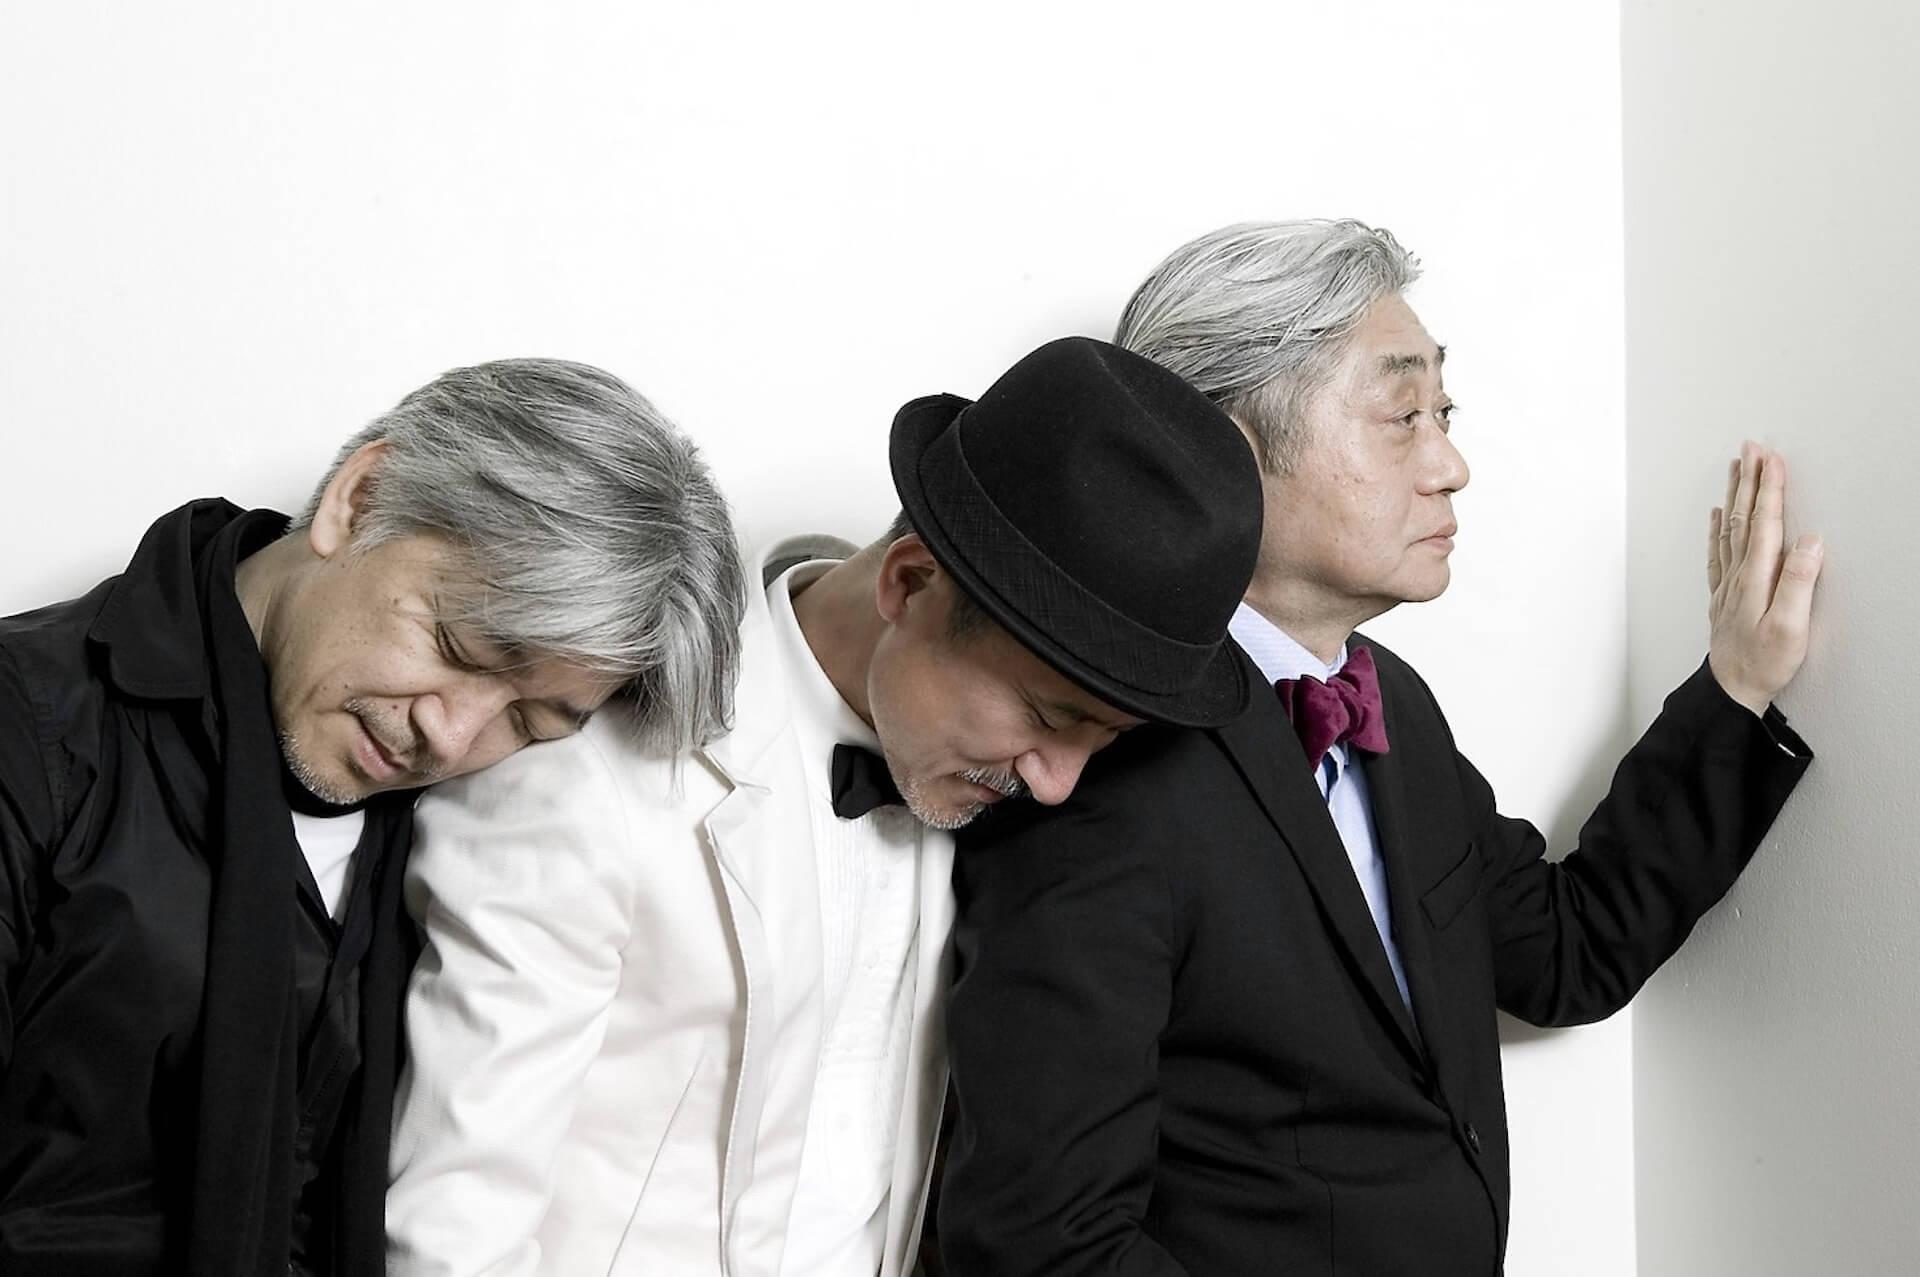 坂本龍一のオーケストラ公演やYMOの貴重なライブ映像がYouTubeにて期間限定公開決定!チャンネル予約も可能 music200417_commons_1